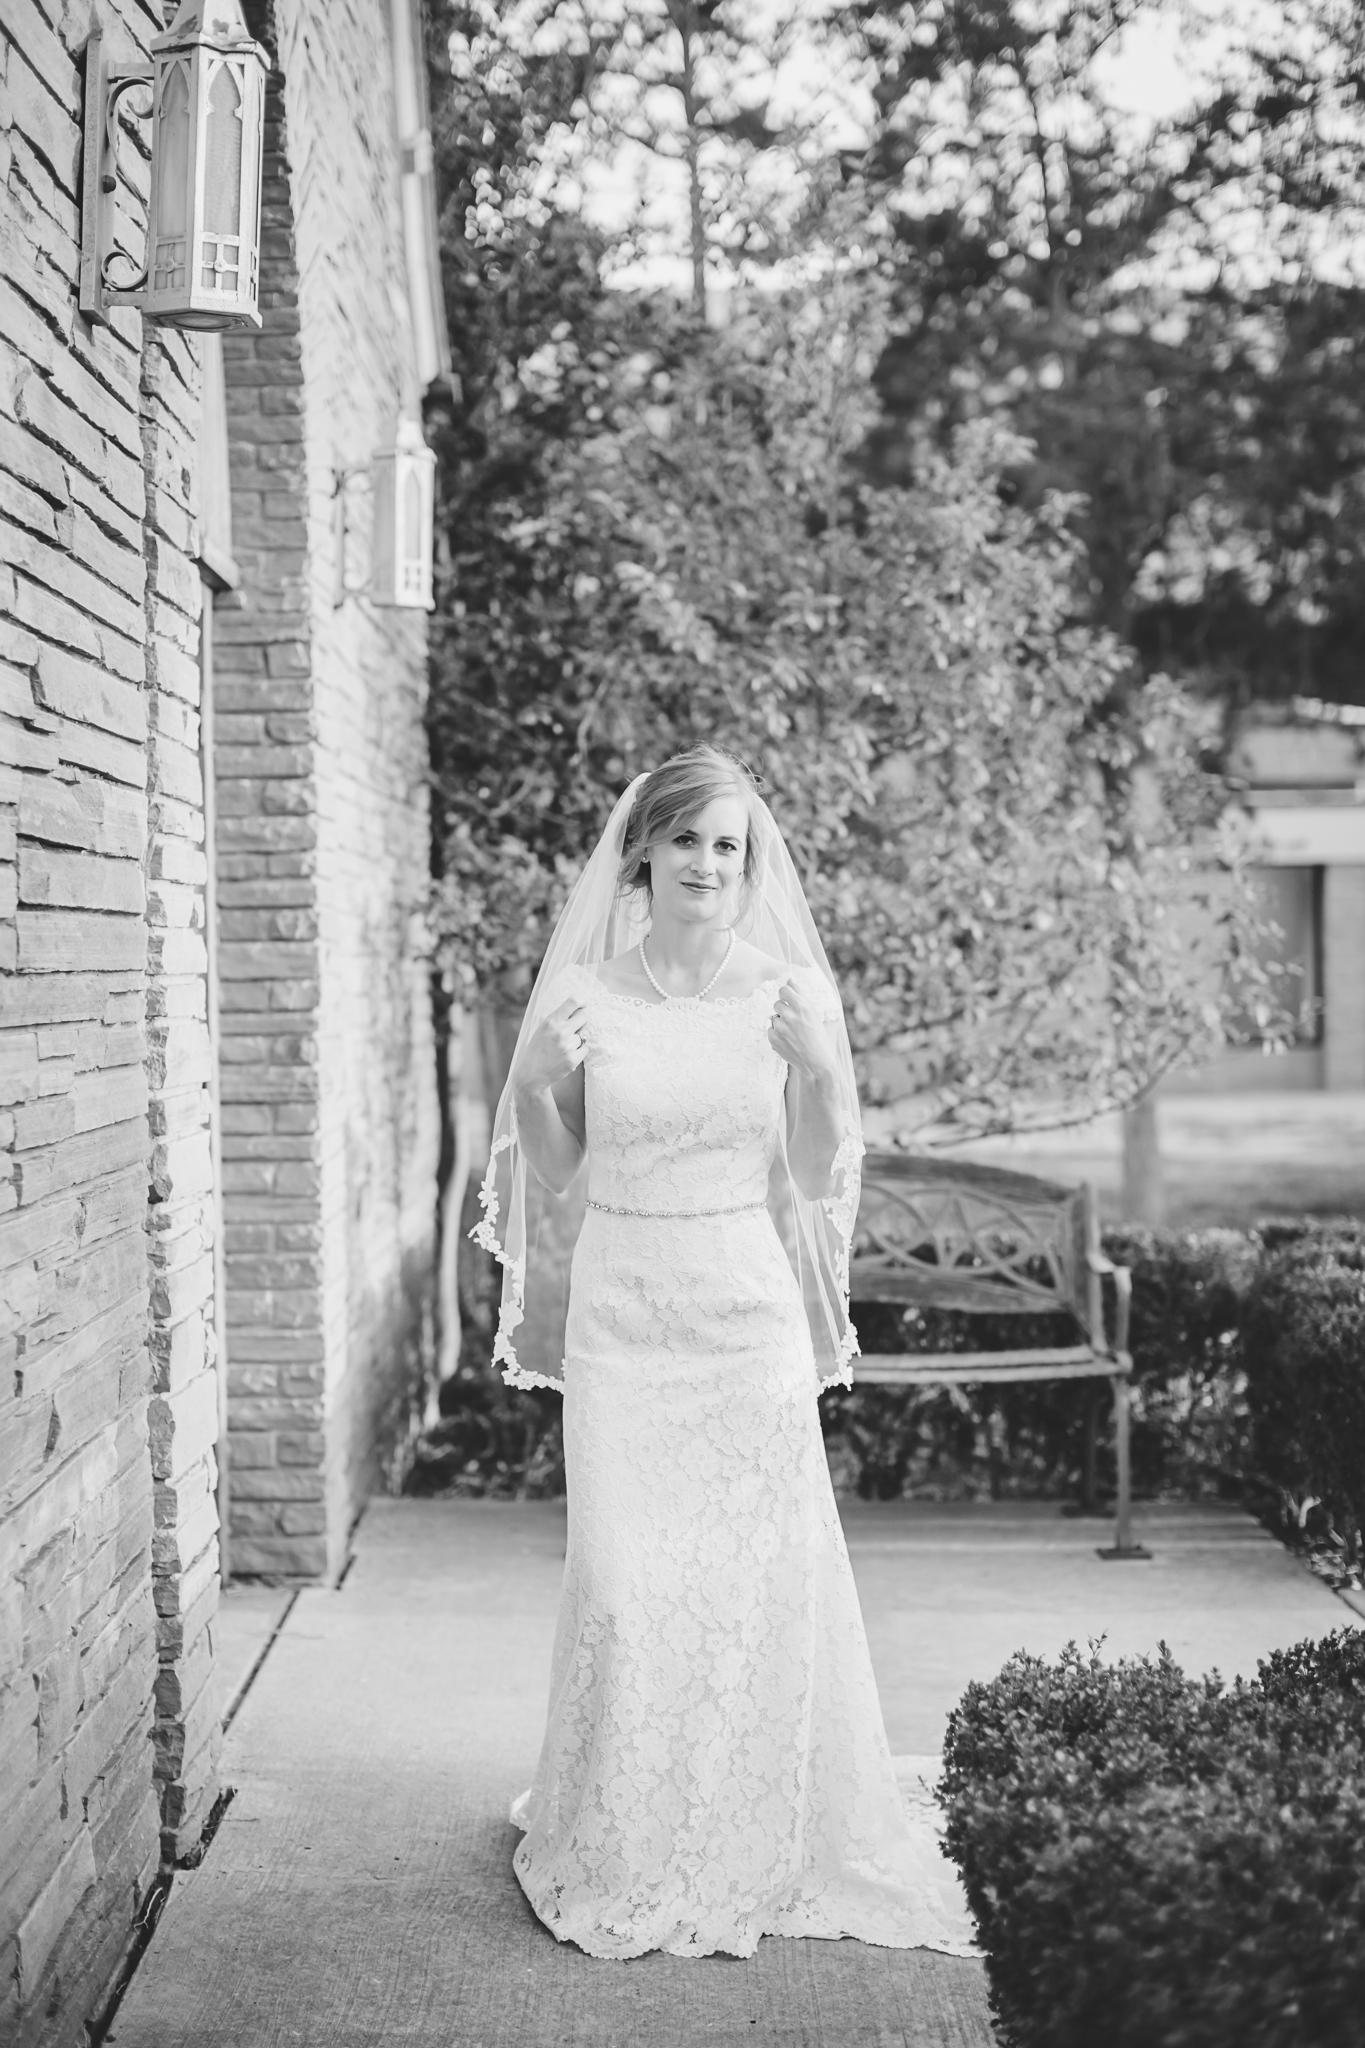 alyssa bridal blog-20.jpg